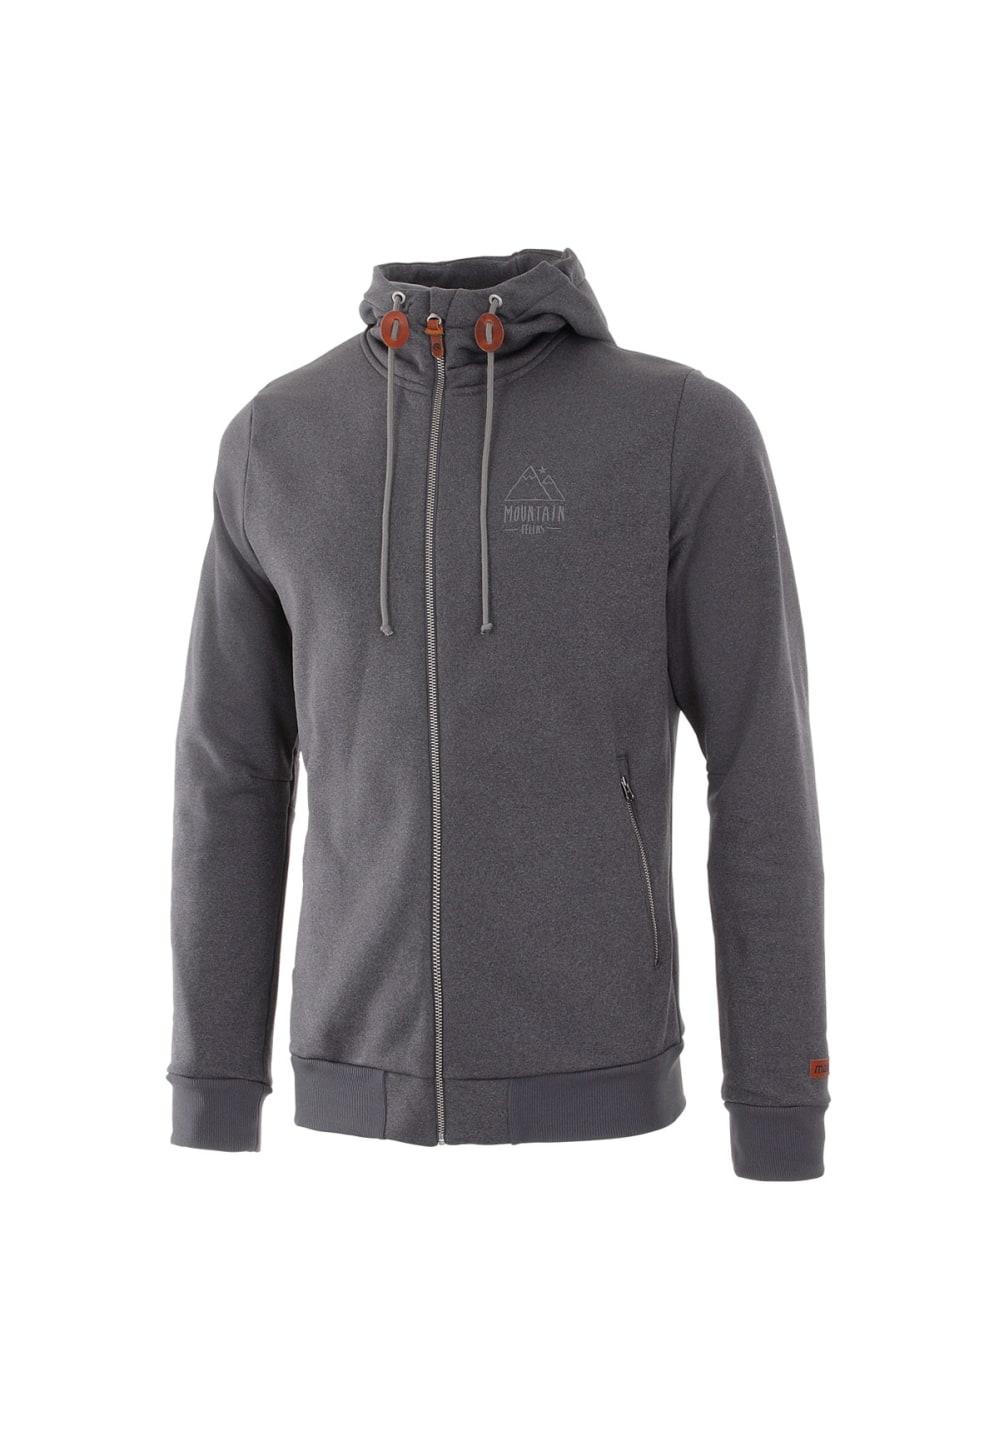 Maloja MinorM. Fleece Jacket - Freizeitbekleidung für Herren - Grau, Gr. S